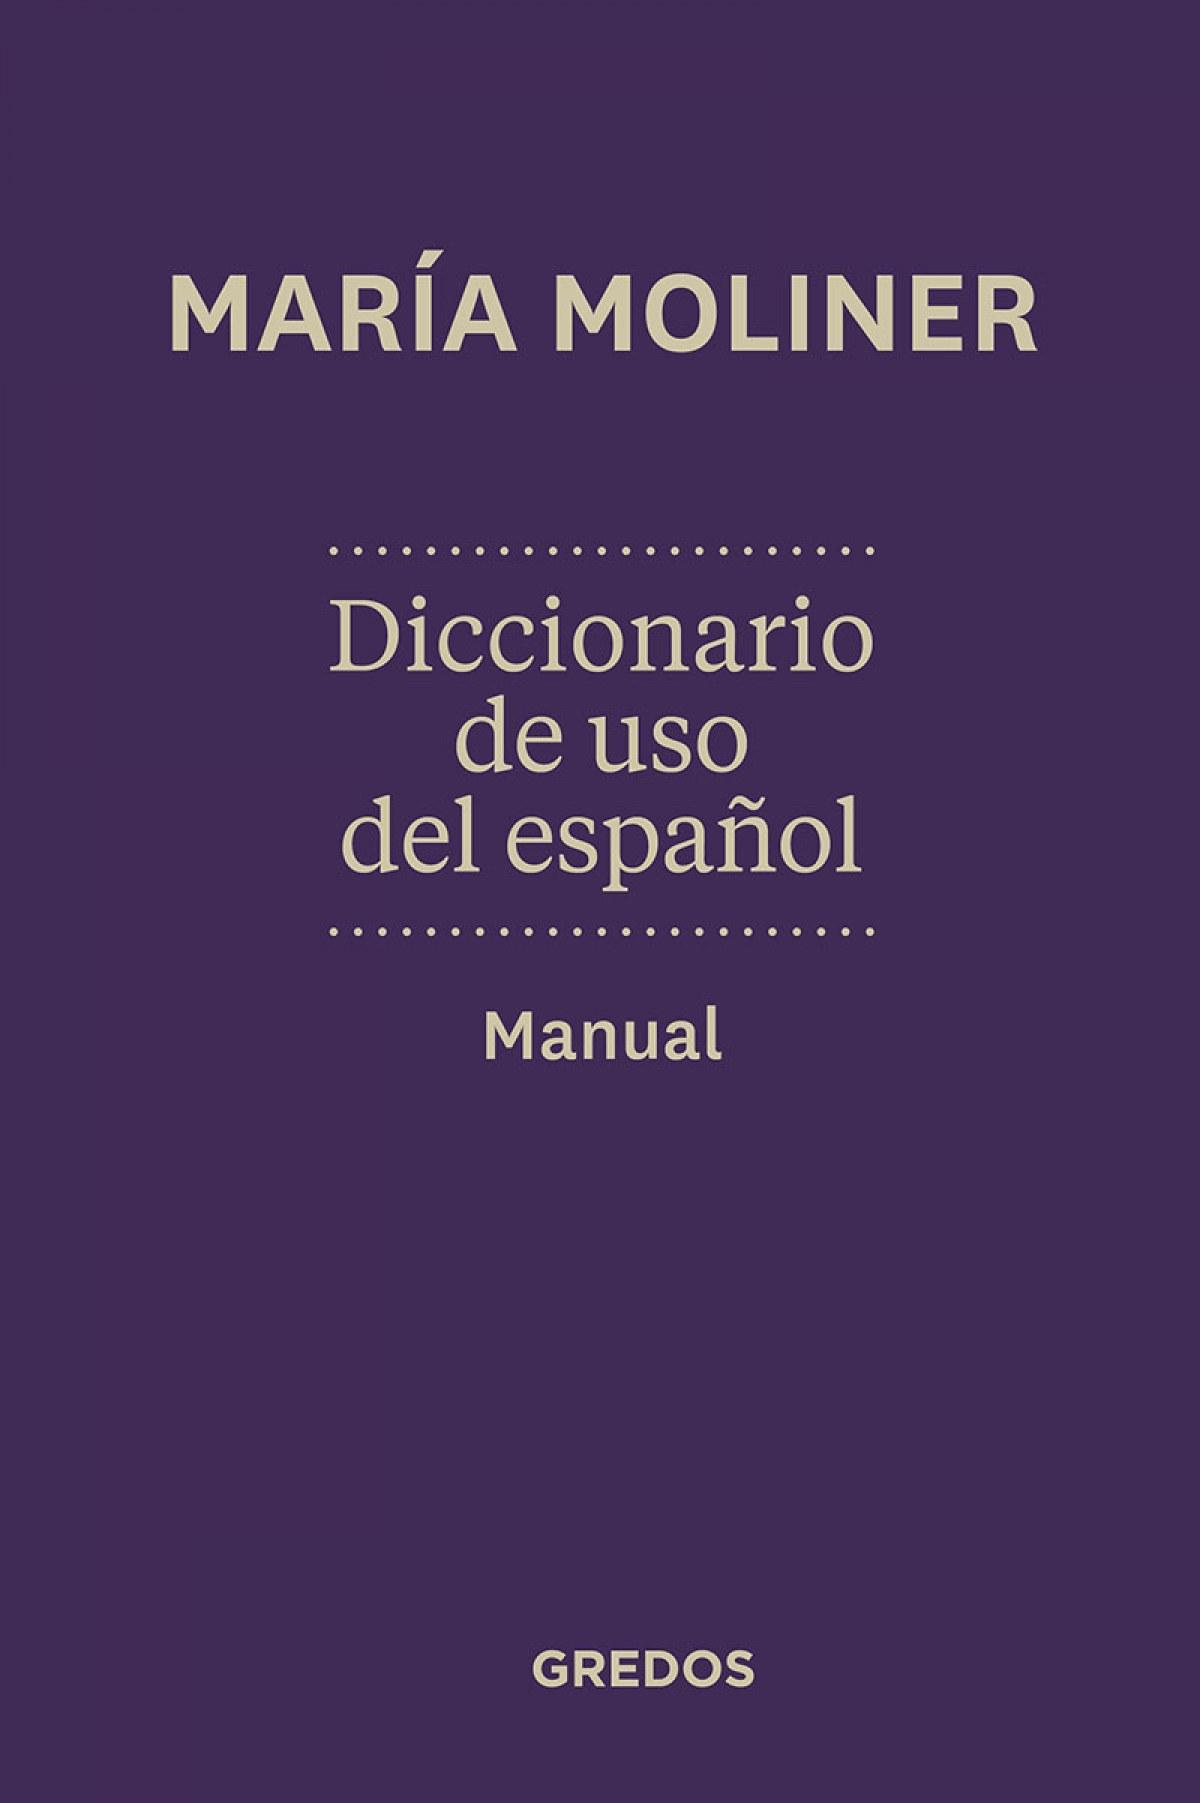 Diccionario de uso de español. Due. N.Ed 9788424936372